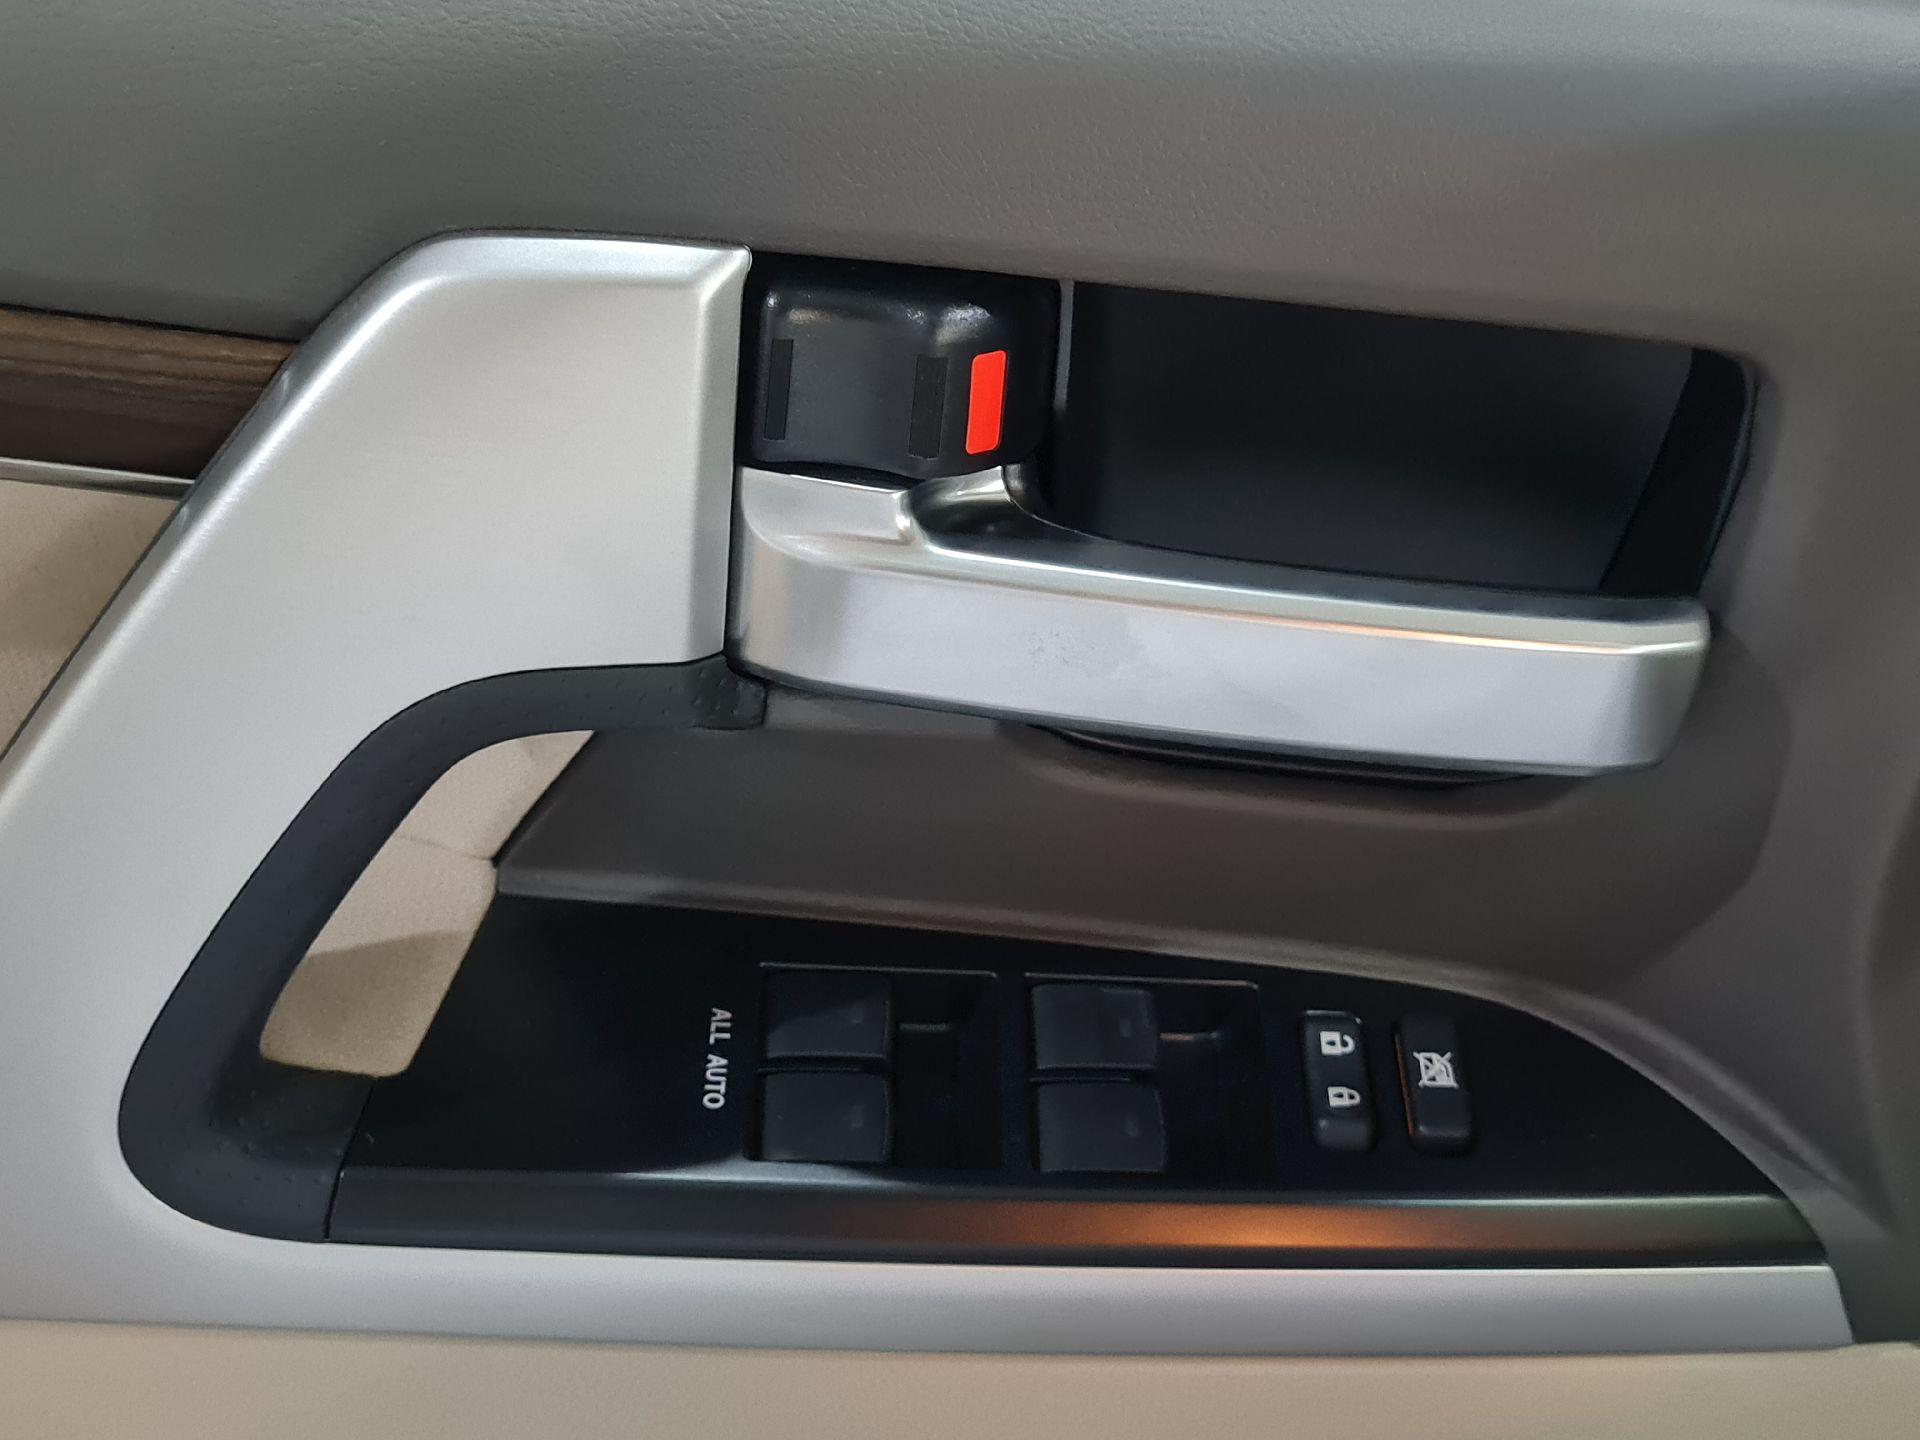 تويوتا لاندكروزر VXR1 2021 ستاندر خليجي للبيع في الرياض - السعودية - صورة كبيرة - 4